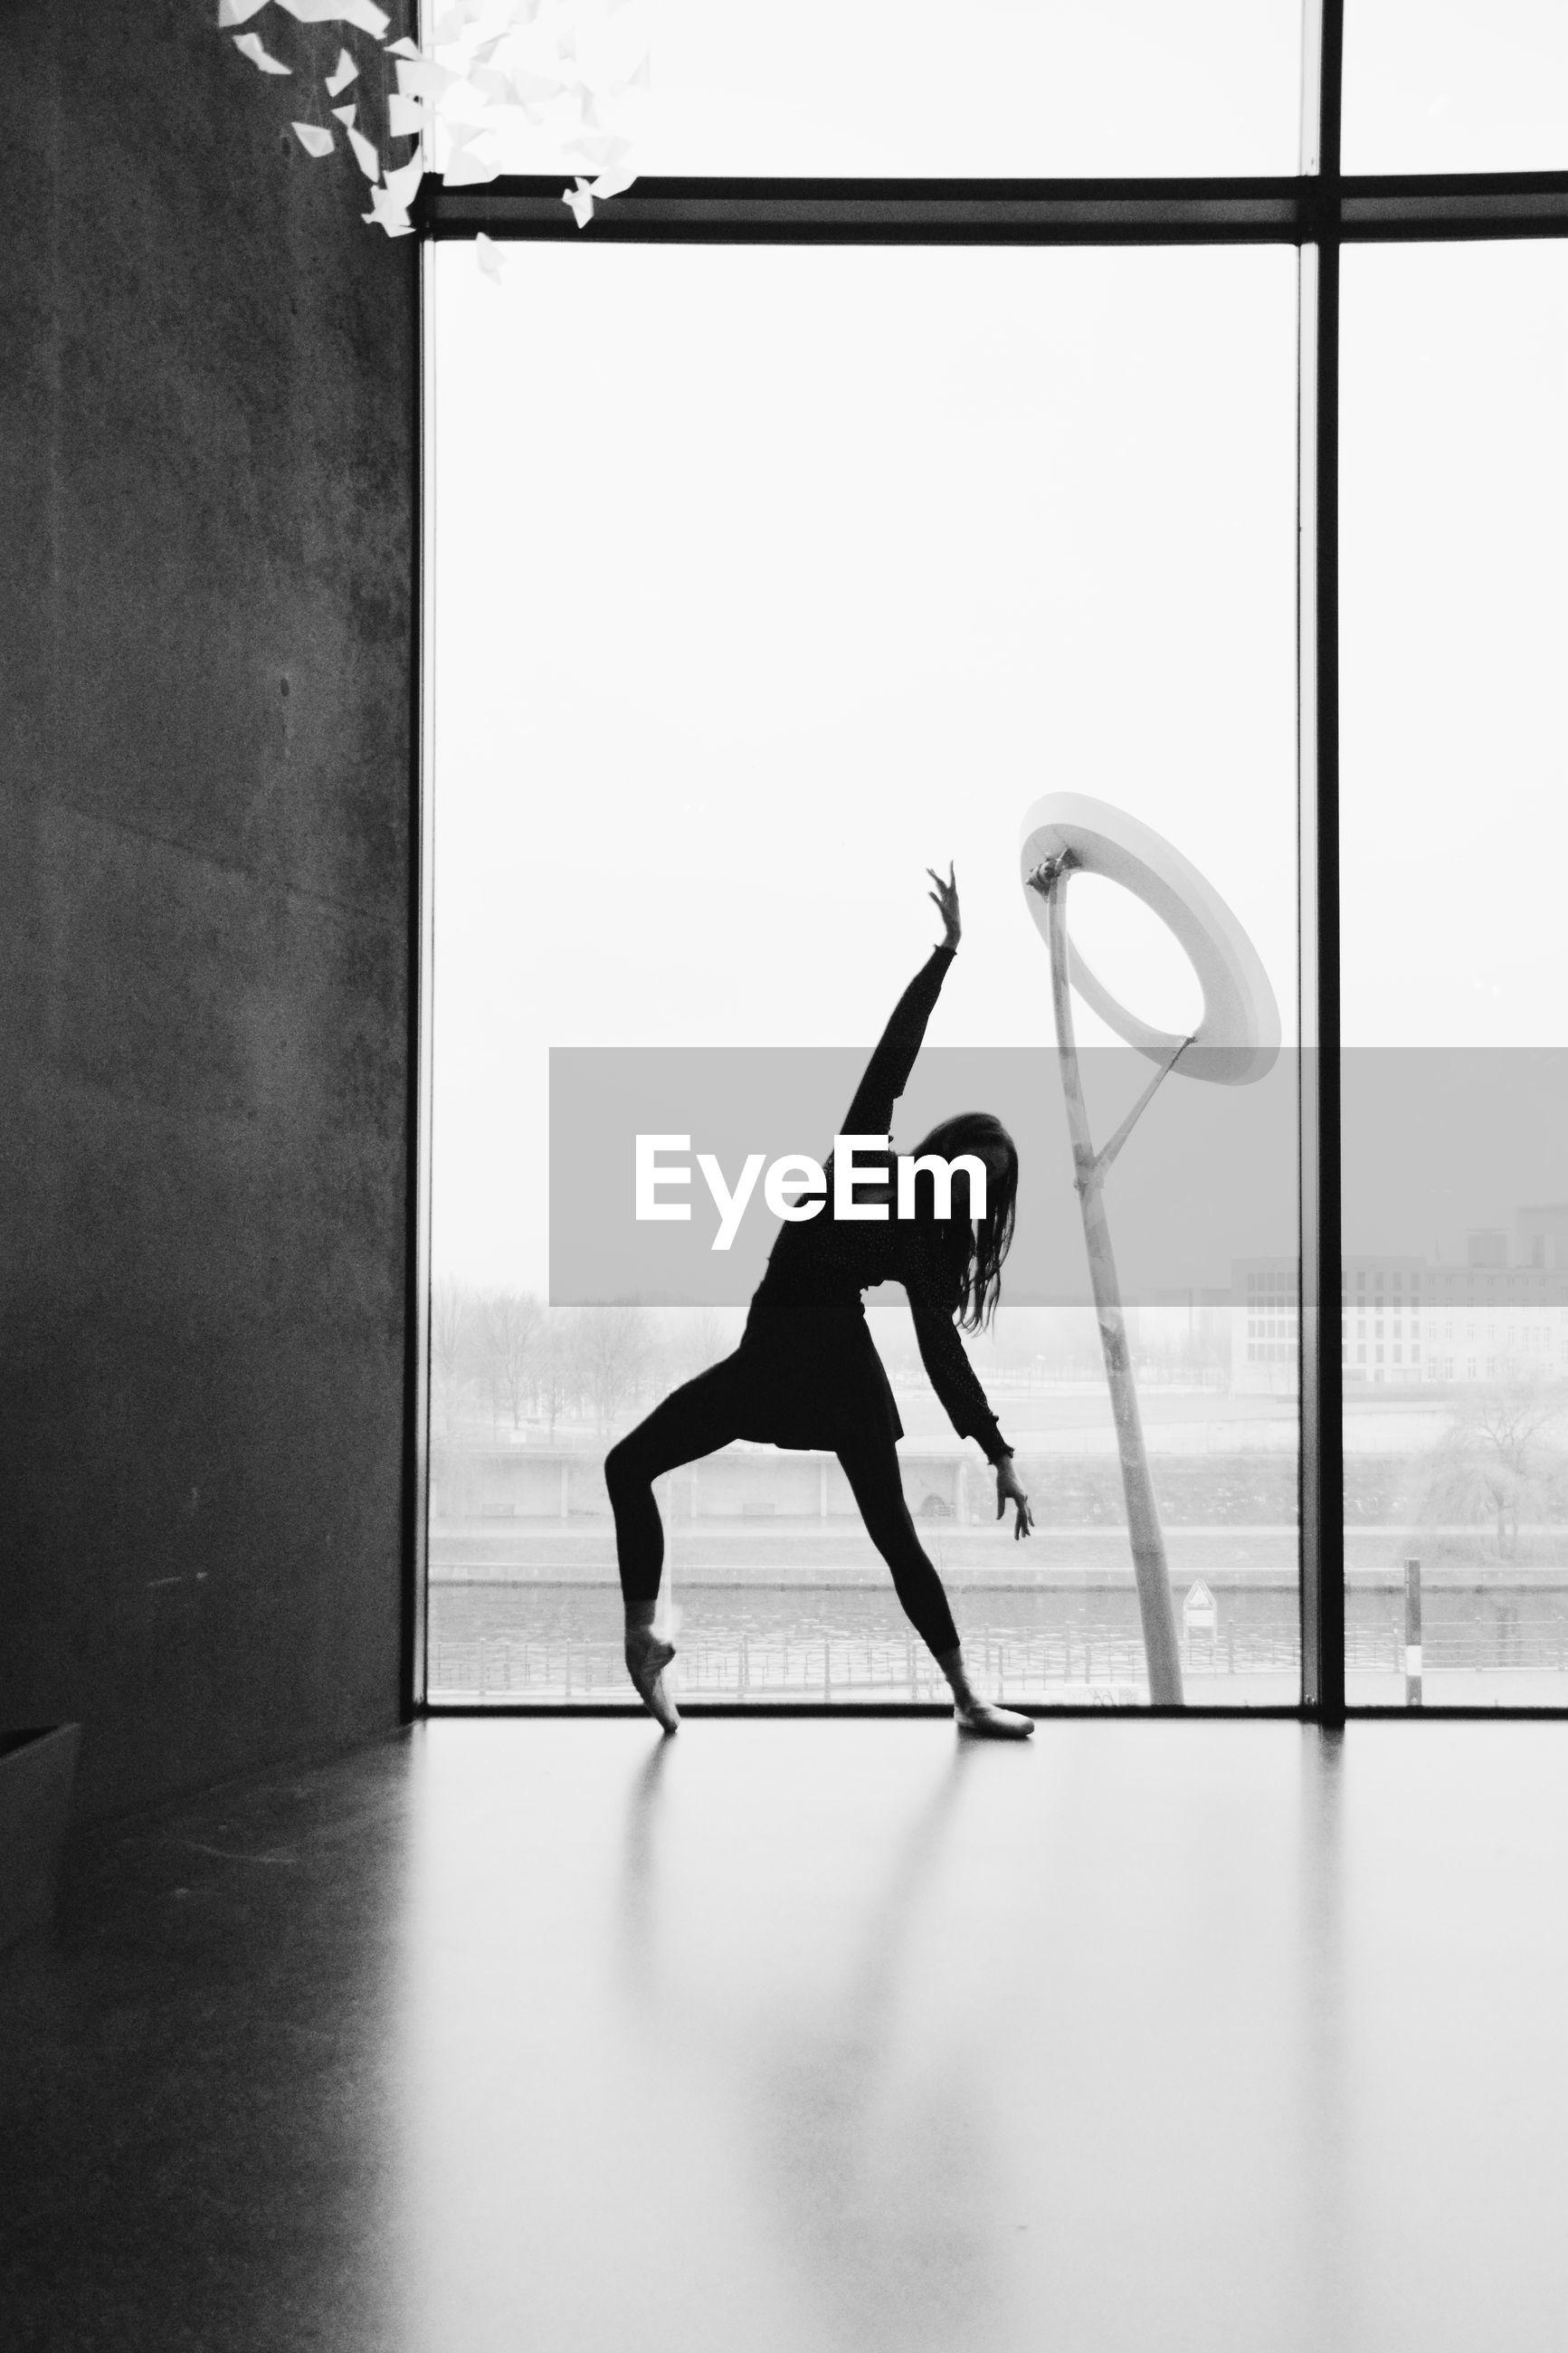 FULL LENGTH SIDE VIEW OF WOMAN WALKING ON WINDOW